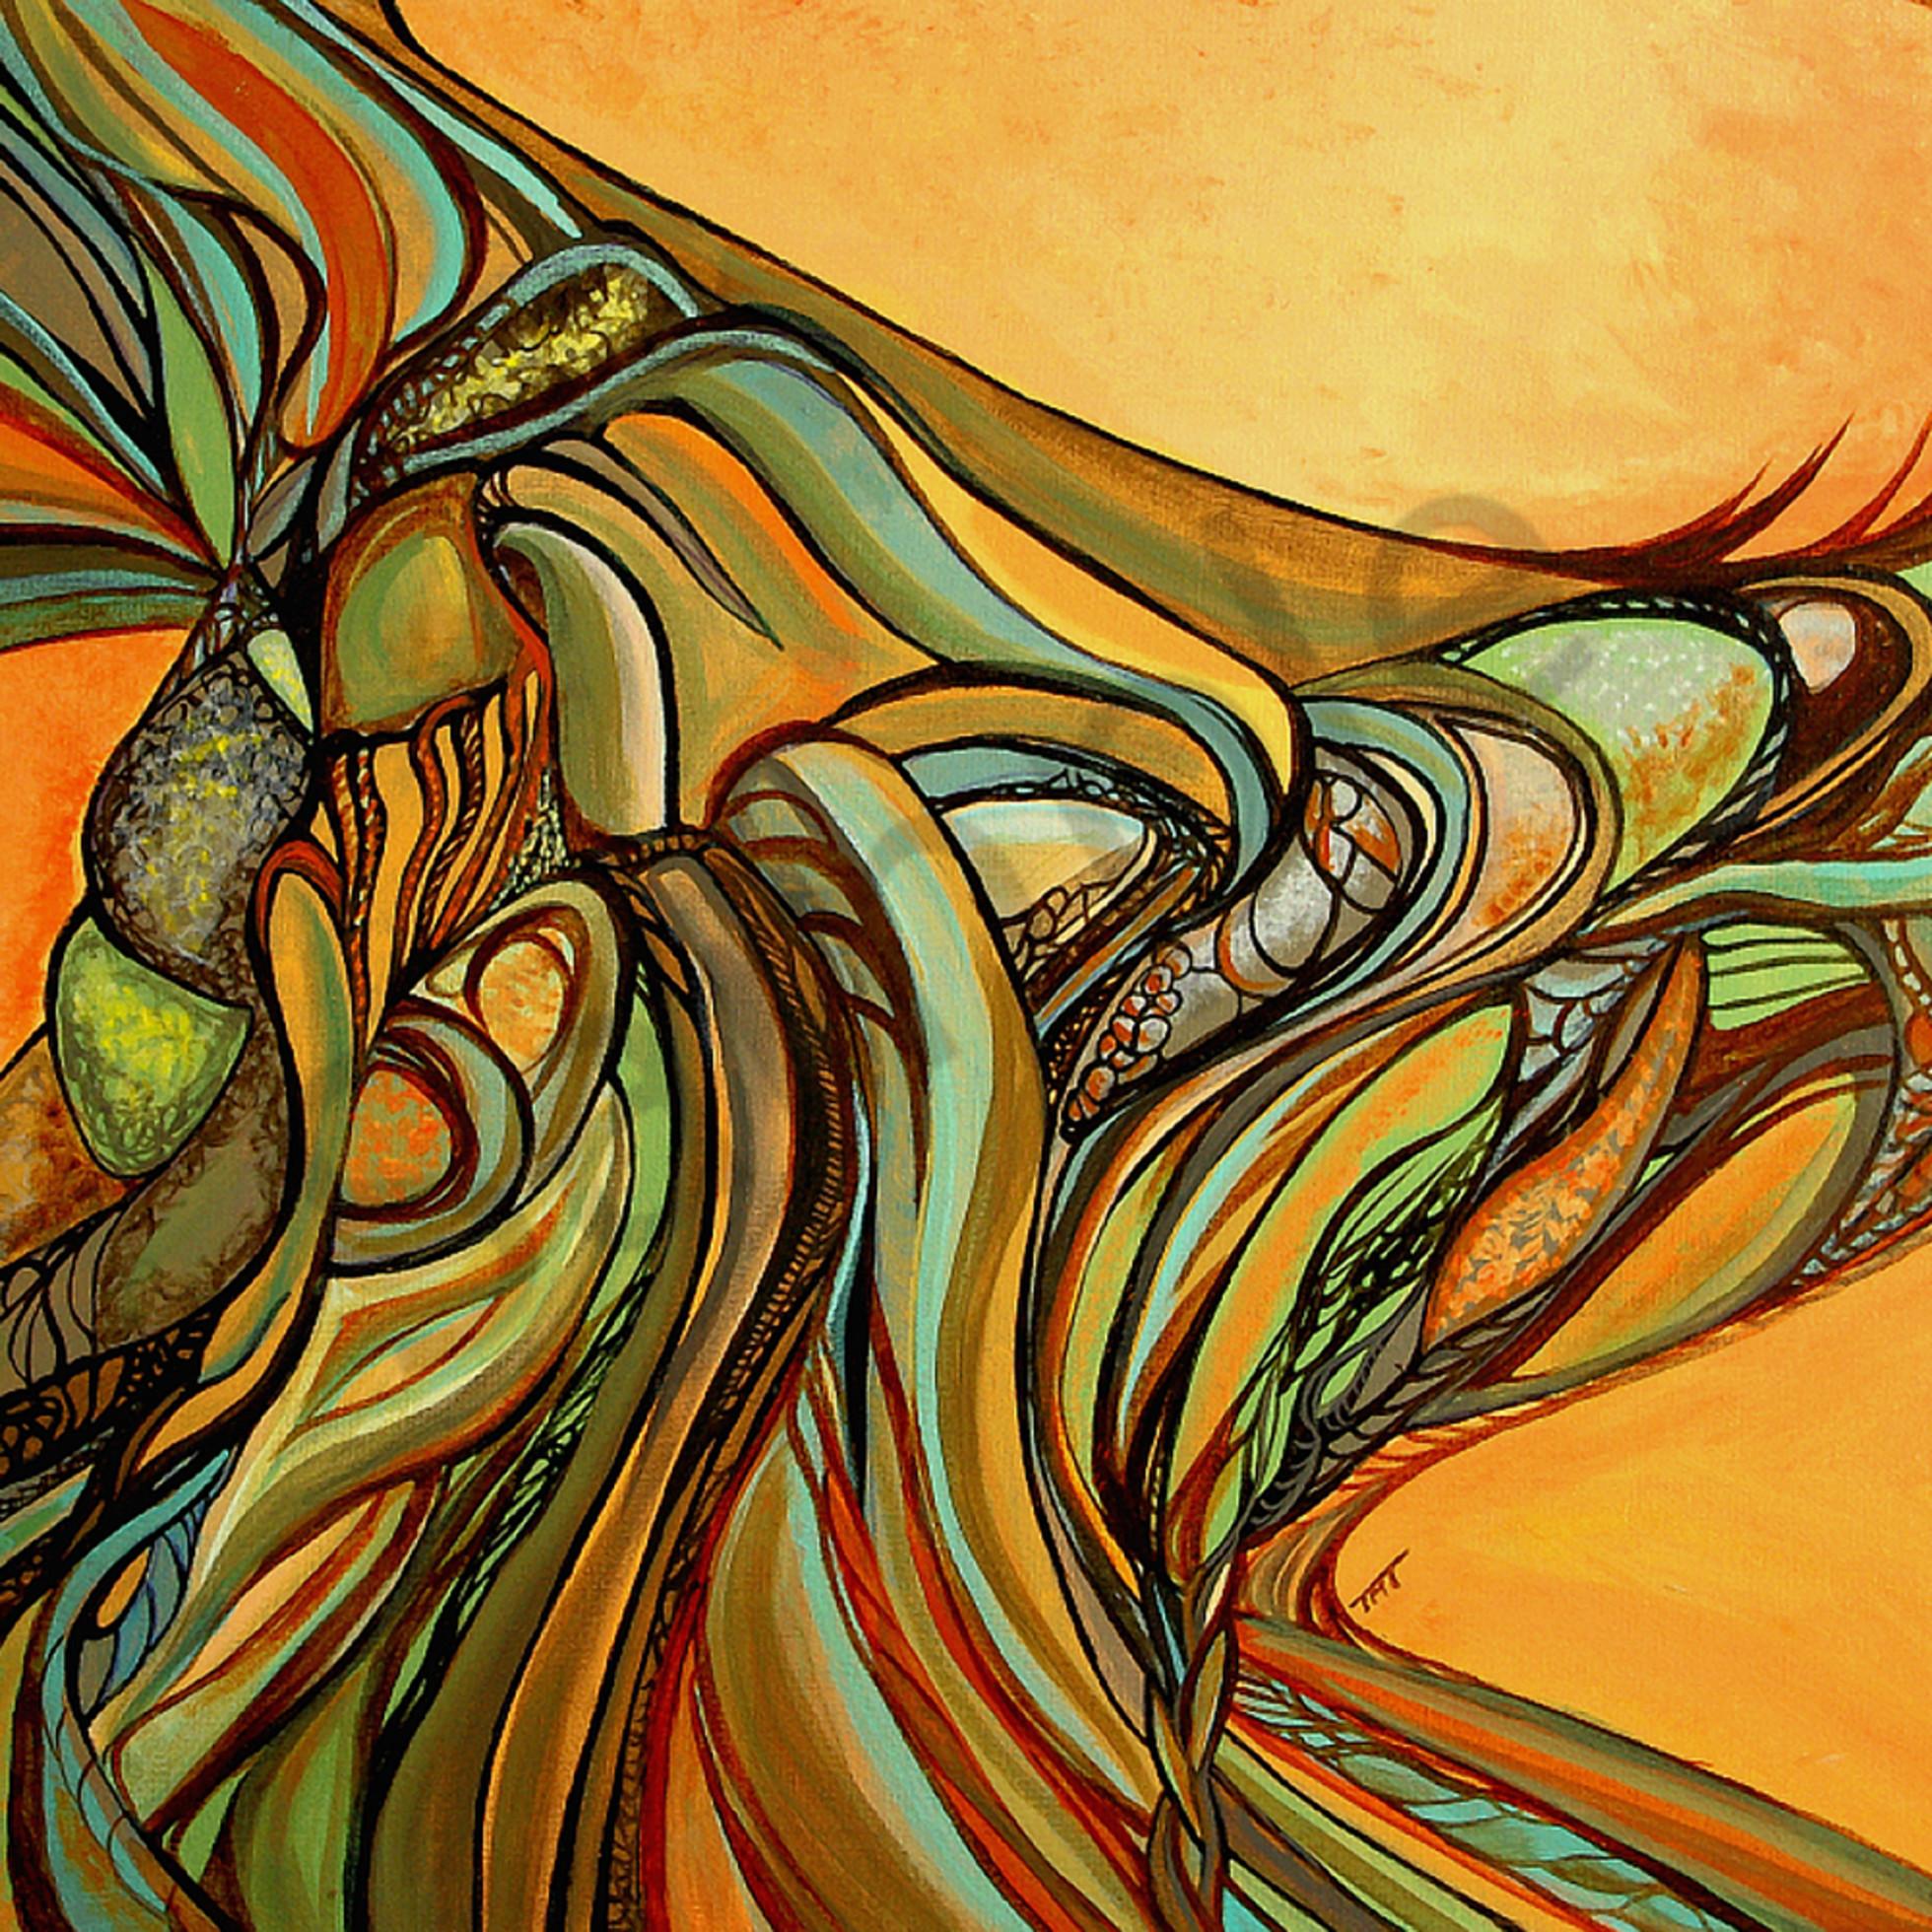 Sunsetssurroundus mzgkce